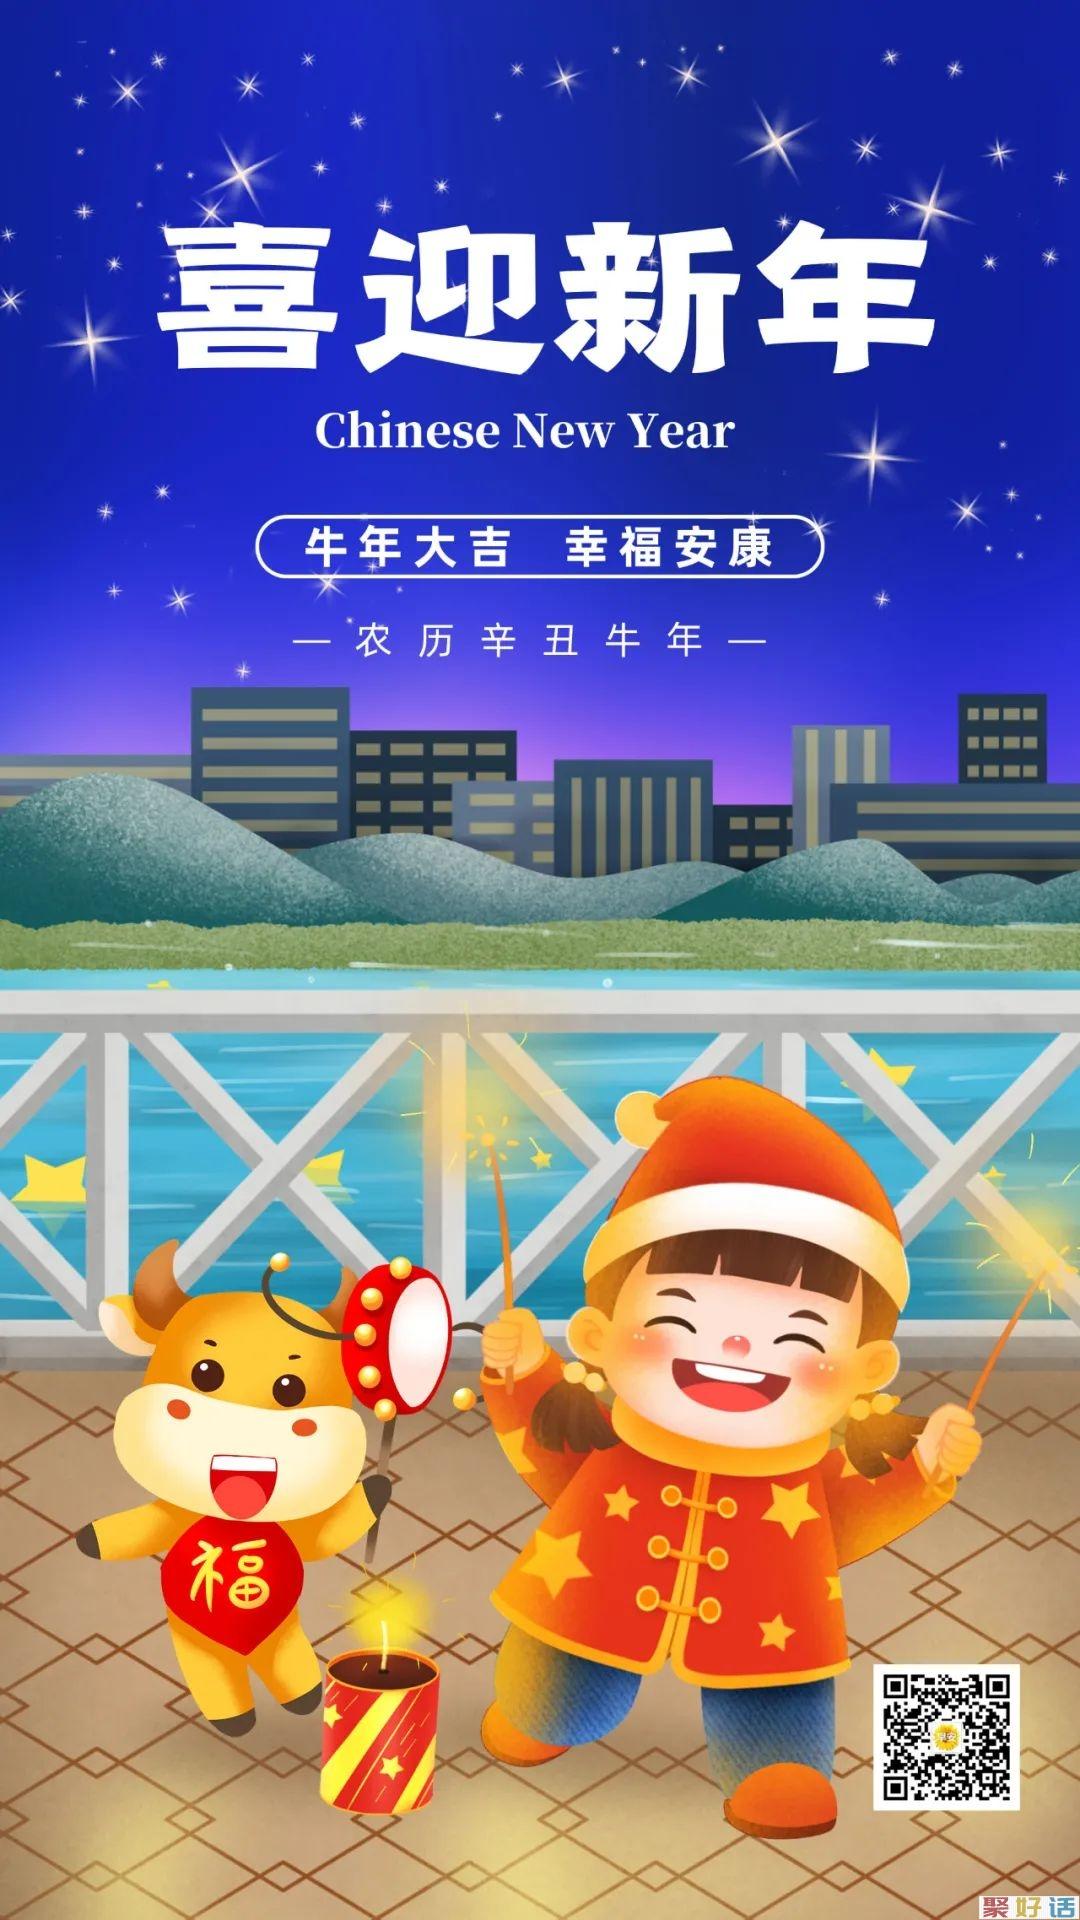 春节除夕神仙走心文案来袭!插图13